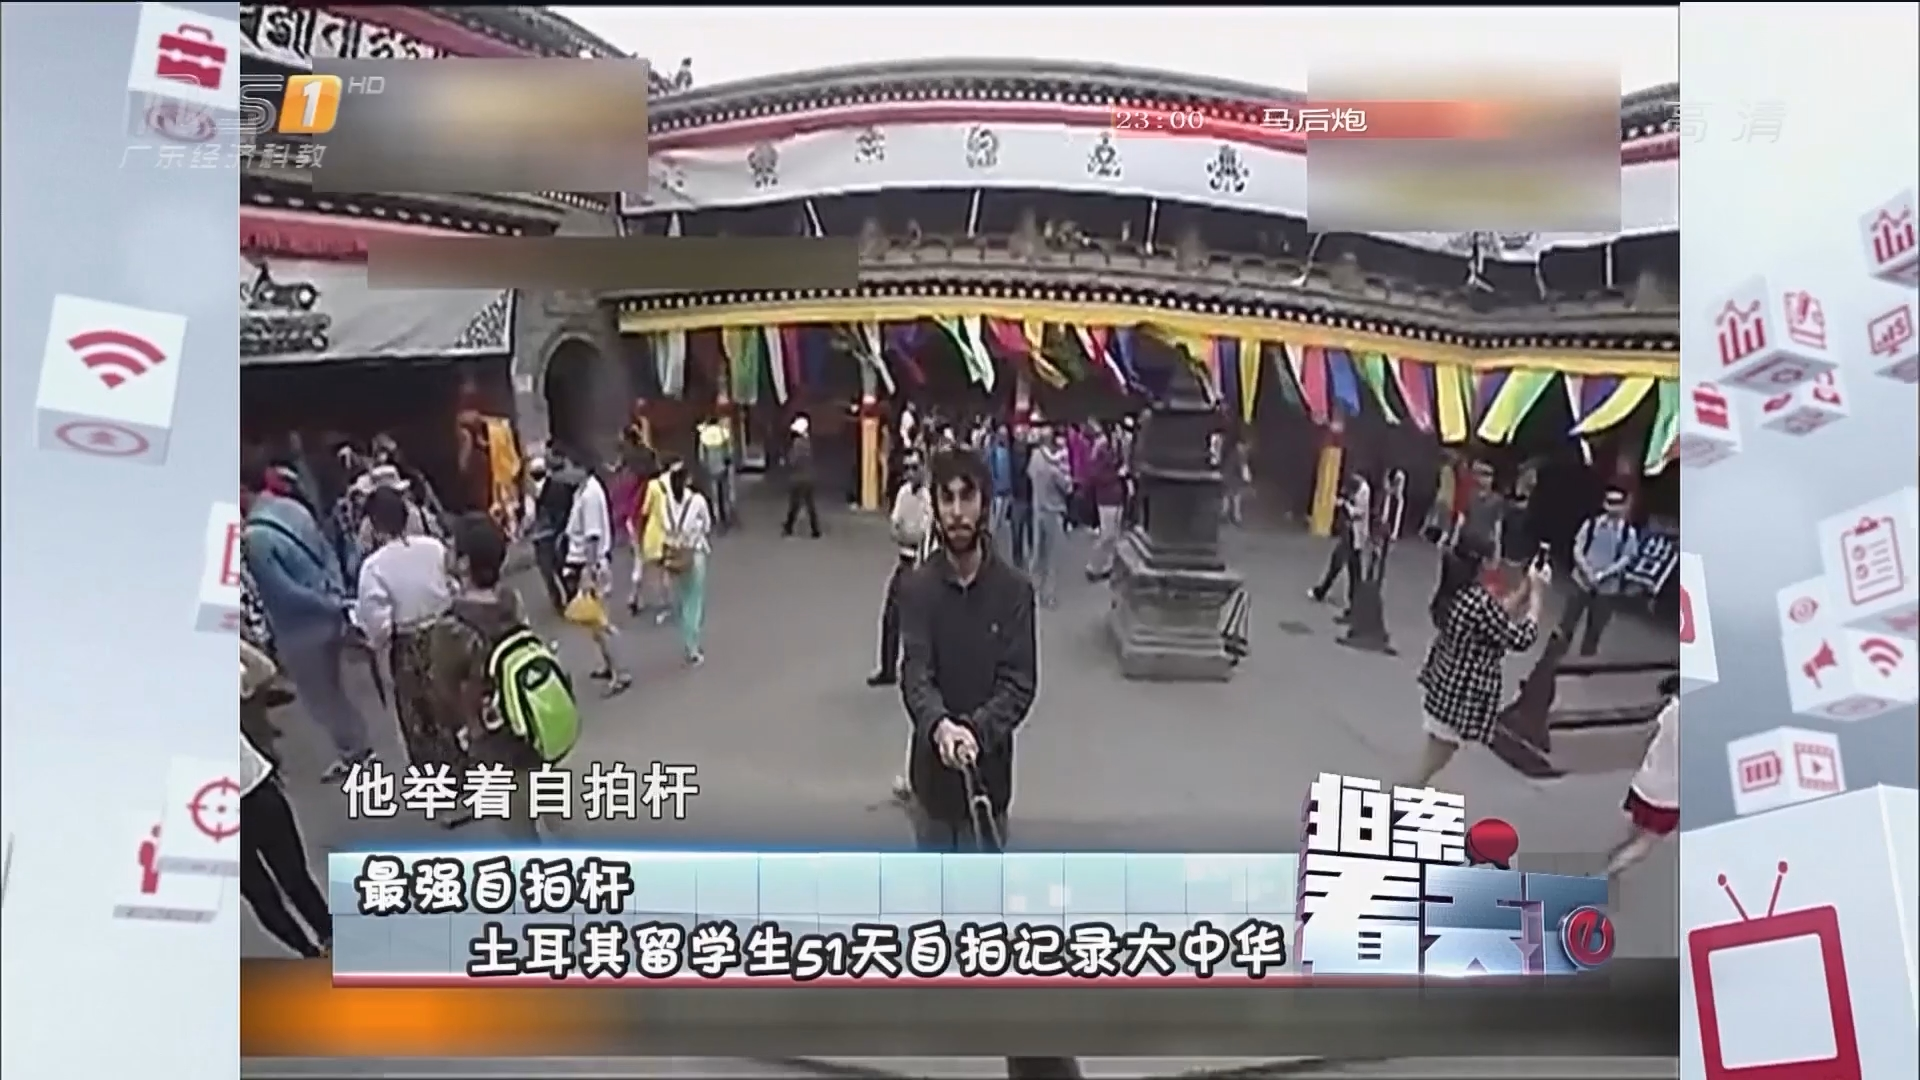 最强自拍杆 土耳其留学生51天自拍记录大中华